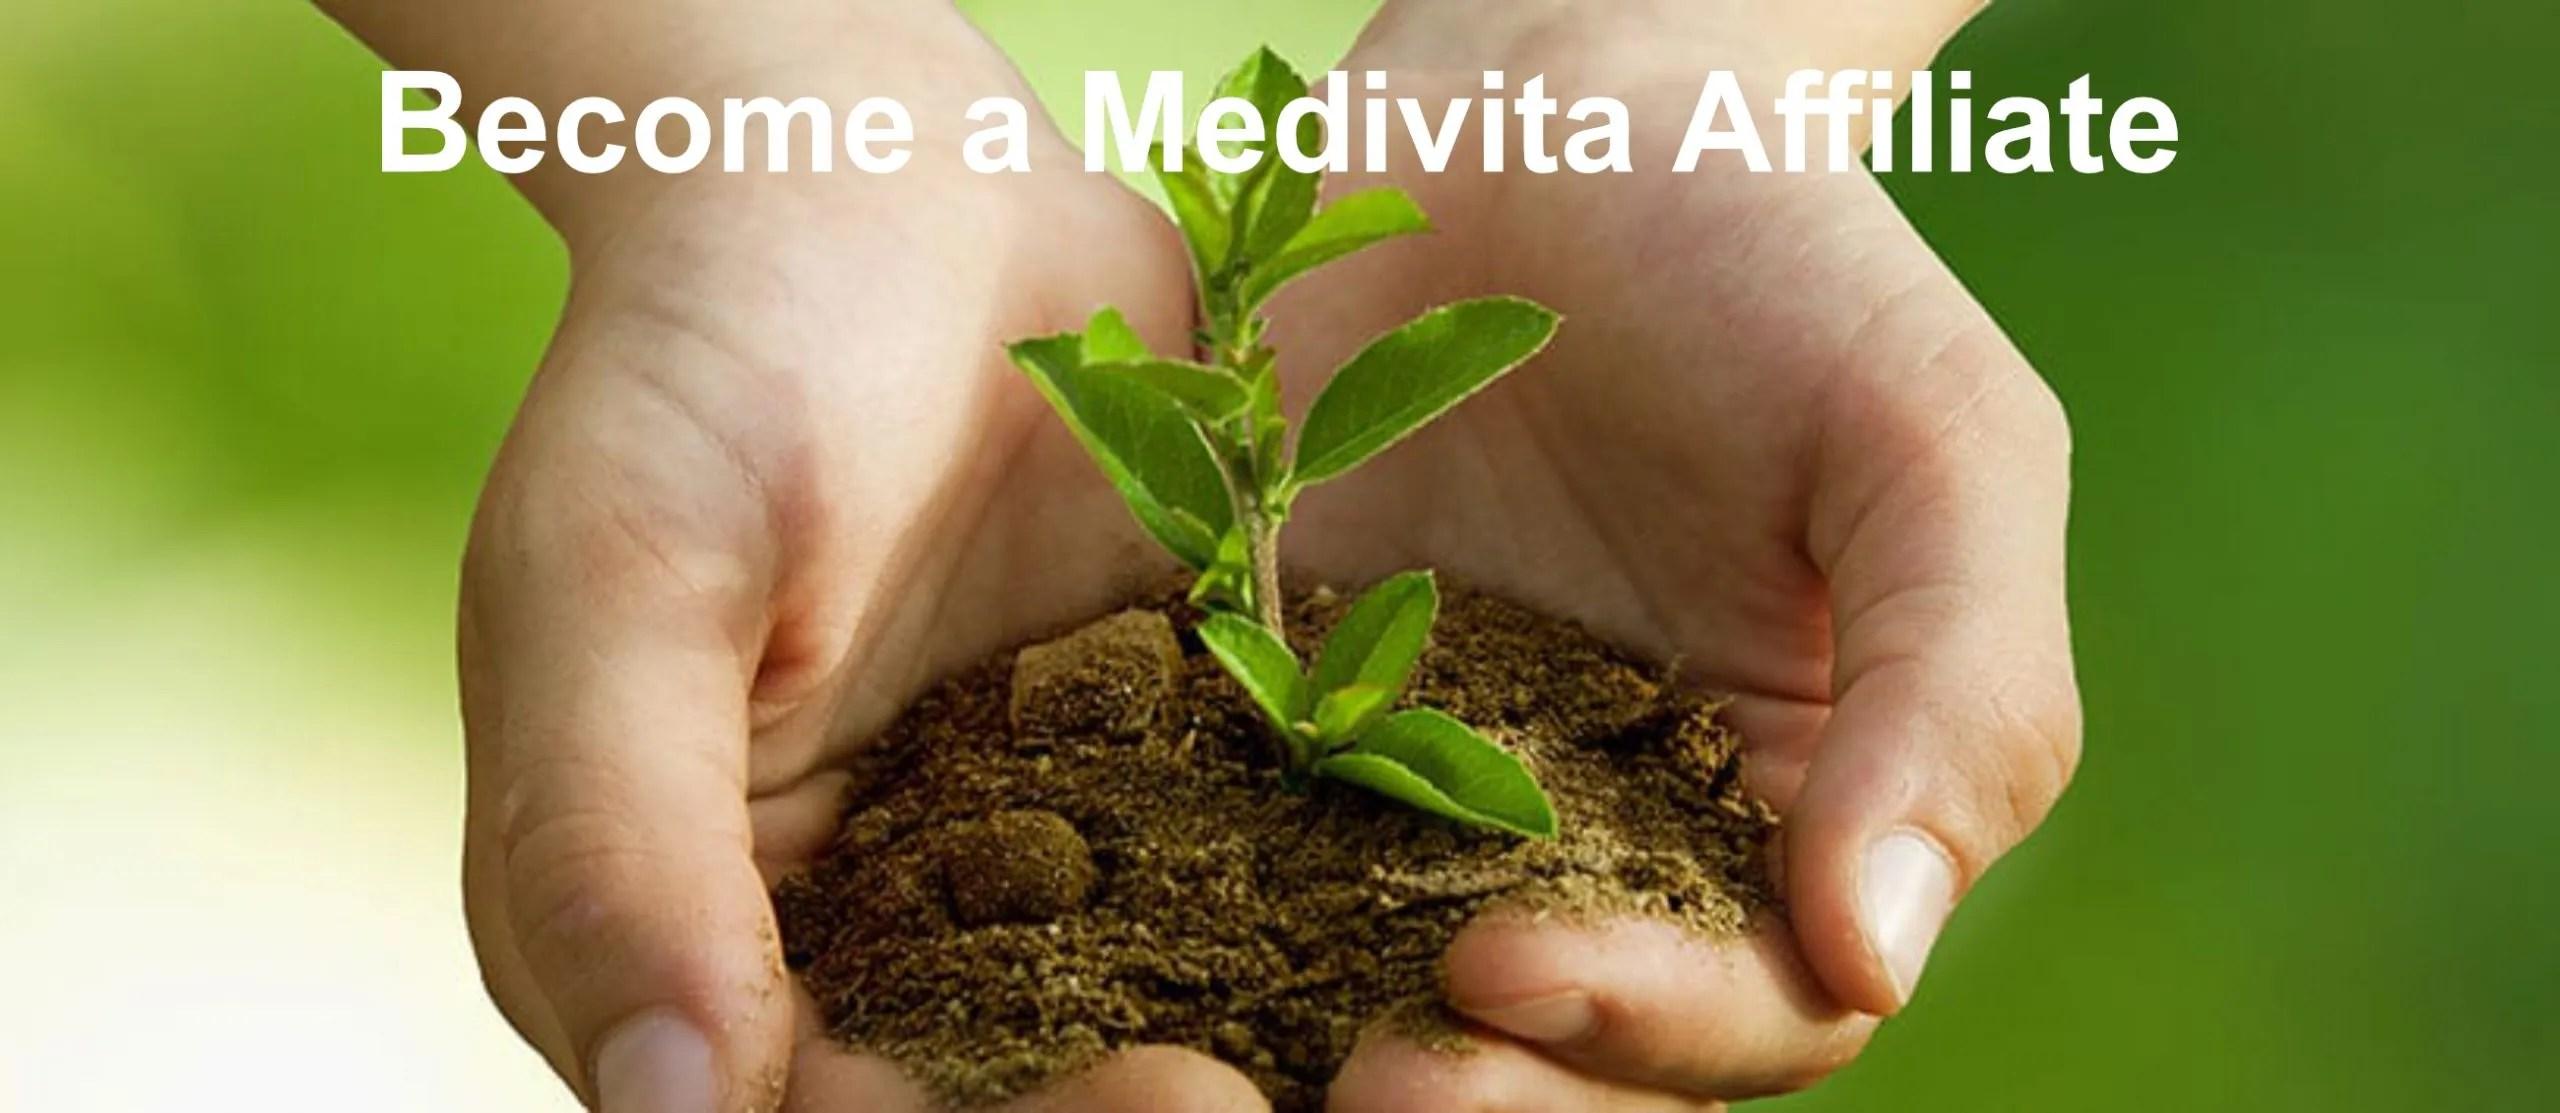 medivita affiliate program